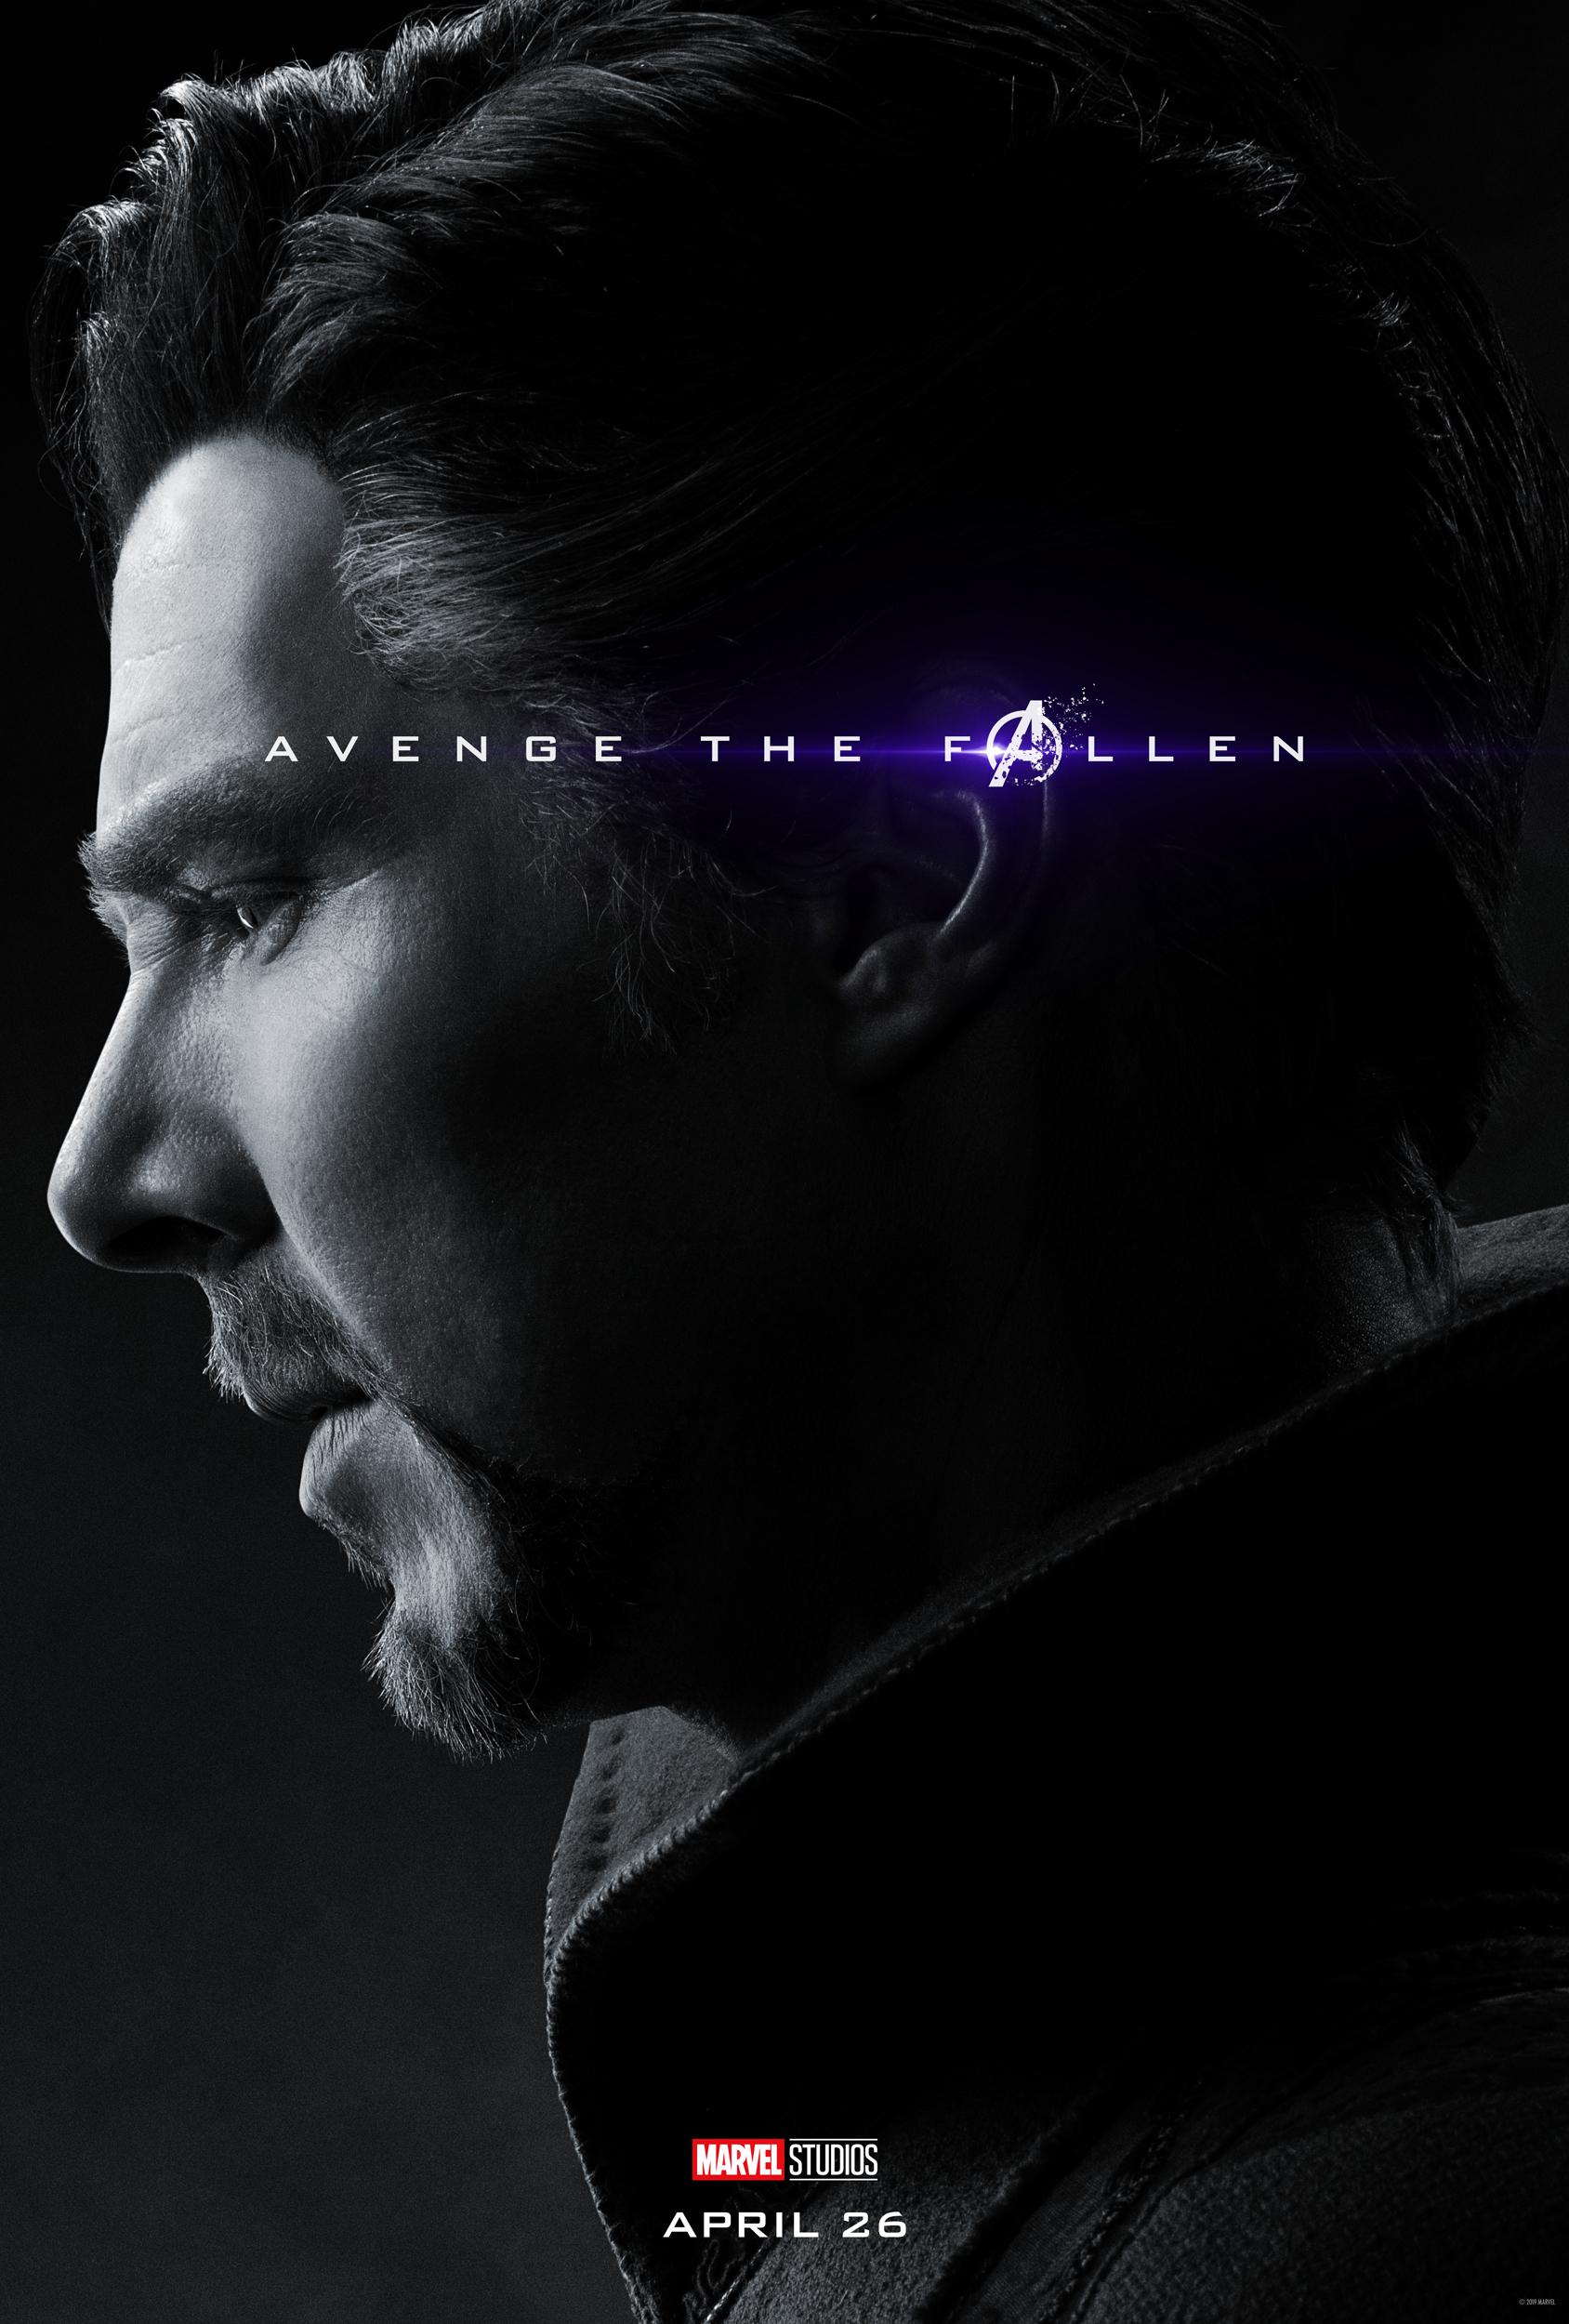 New Avenge The Fallen Character Posters For Avengers Endgame